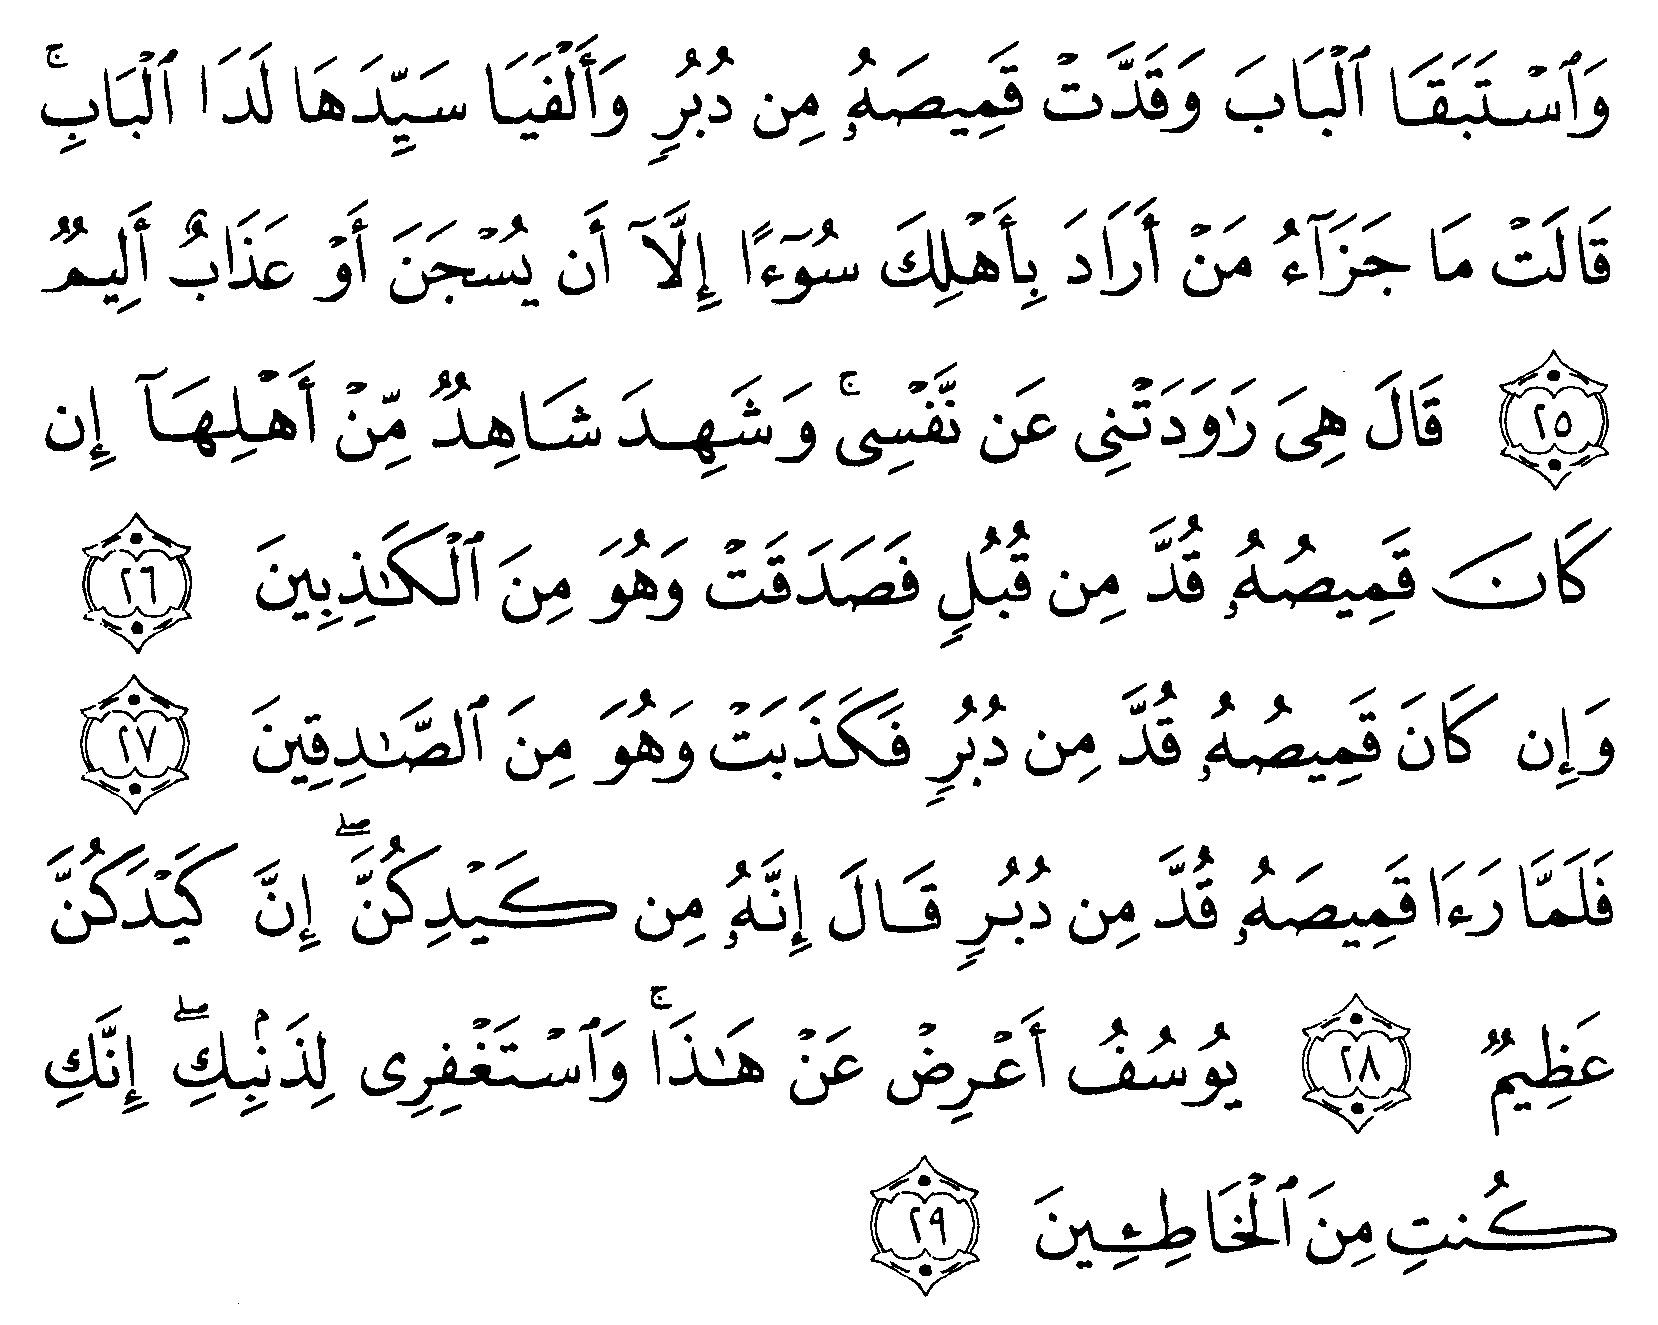 Tafsir Ibnu Katsir Surah Yusuf Ayat 25 29 Alquranmulia